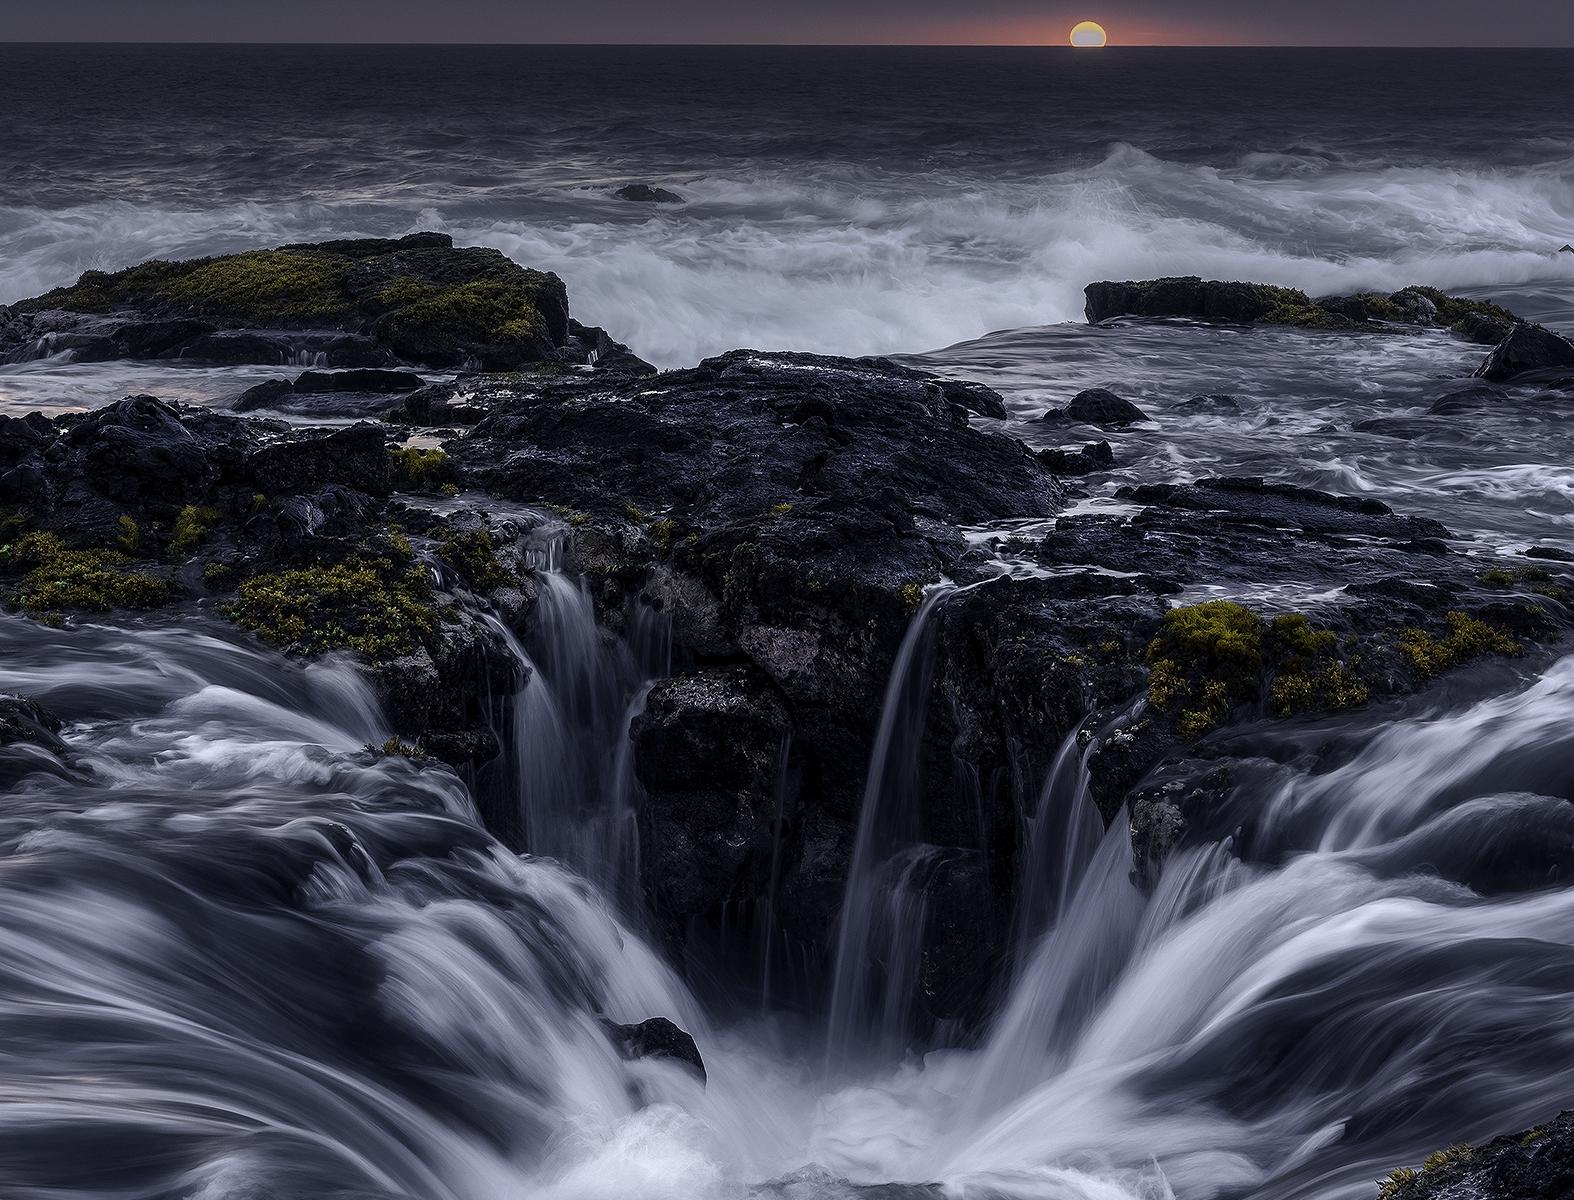 Fotografias capturam vistas dramáticas das praias ásperas do Havaí